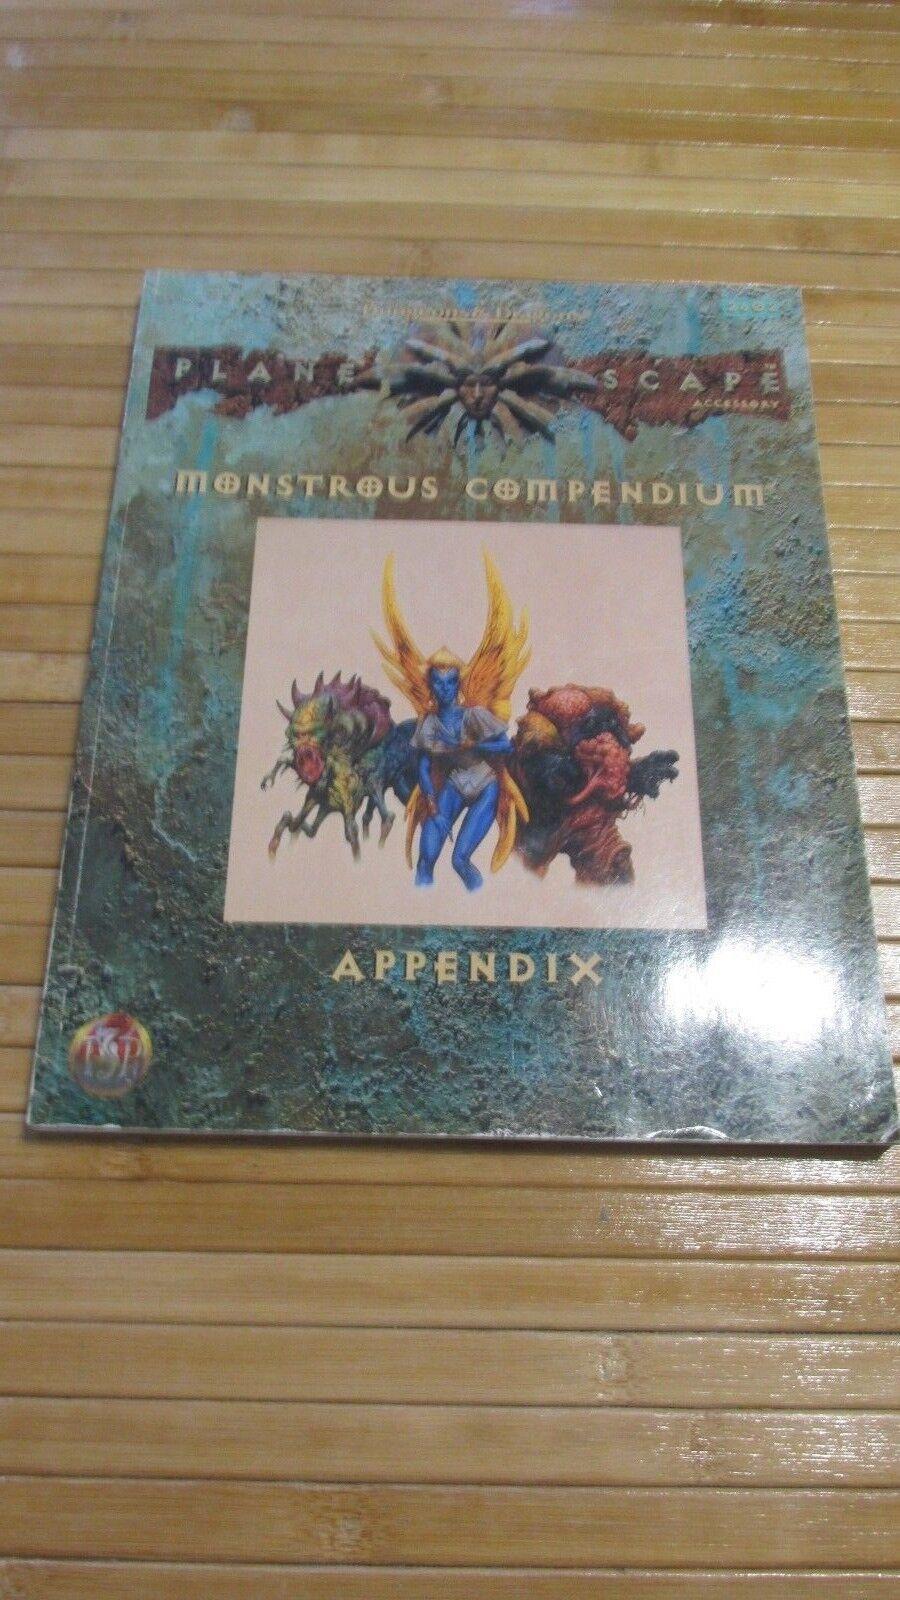 Dungeons & Dragons 2e Planescape Monstrous Compendium Appendix 2602